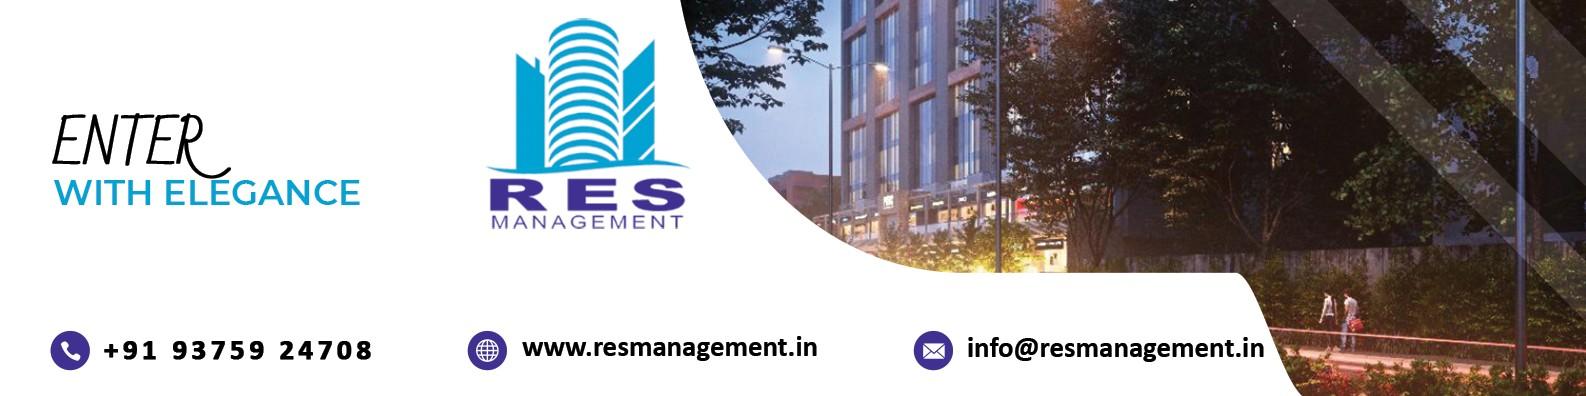 RES Management - Commercial Property Dealer | LinkedIn